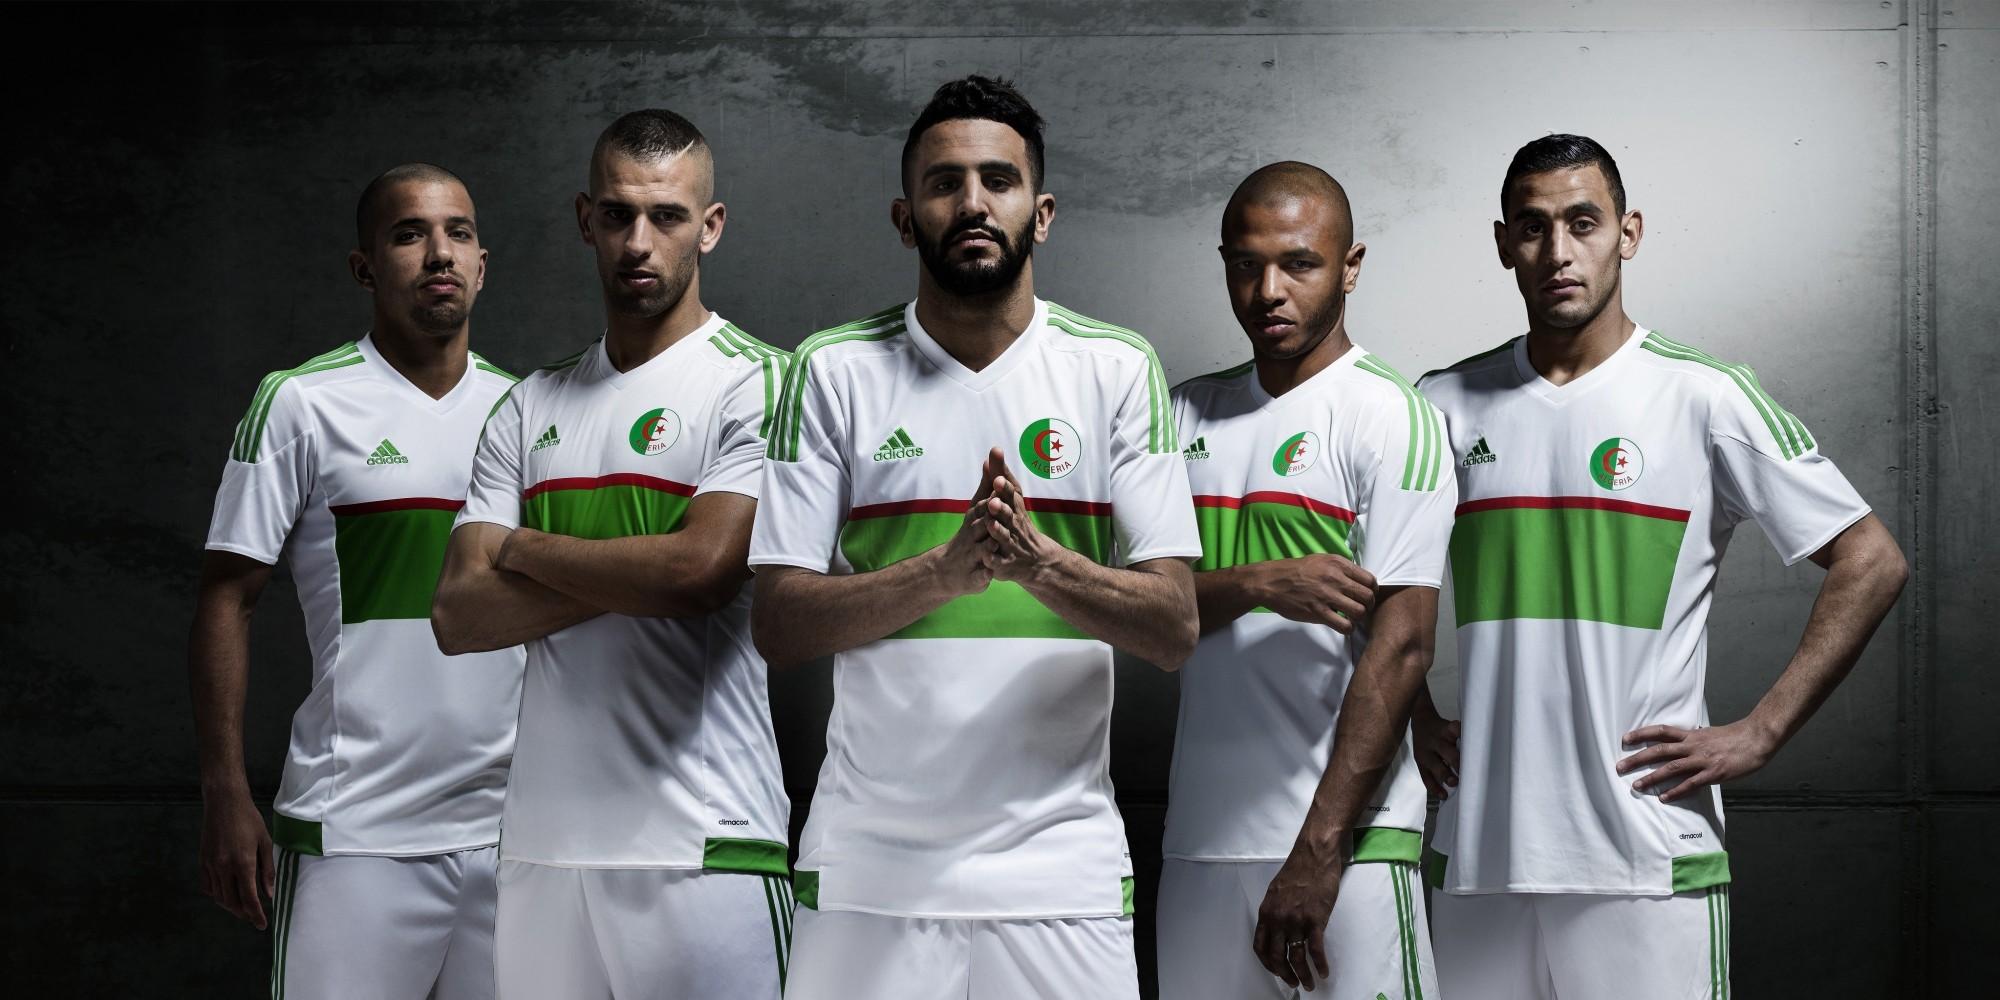 المنتخب الجزائري يدخل كأس إفريقيا بحلم التتويج الثاني